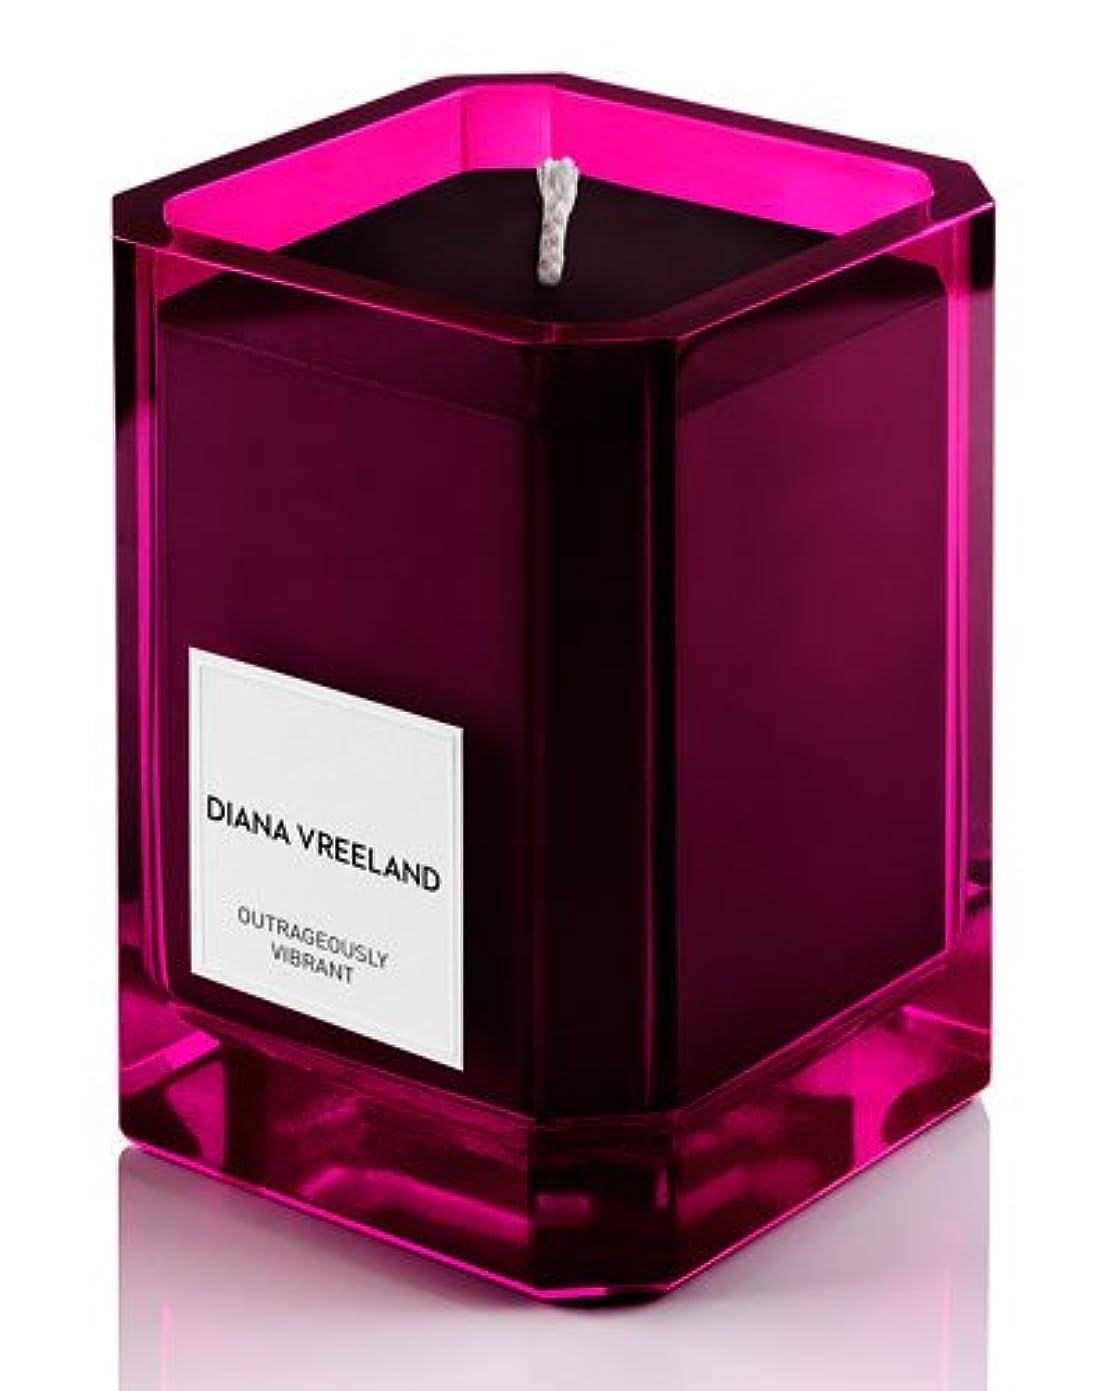 協力信念仮装Diana Vreeland Outrageously Vibrant(ダイアナ ヴリーランド アウトレイジャスリー ヴィブラント)9.7 oz (291ml) Candle(香り付きキャンドル)